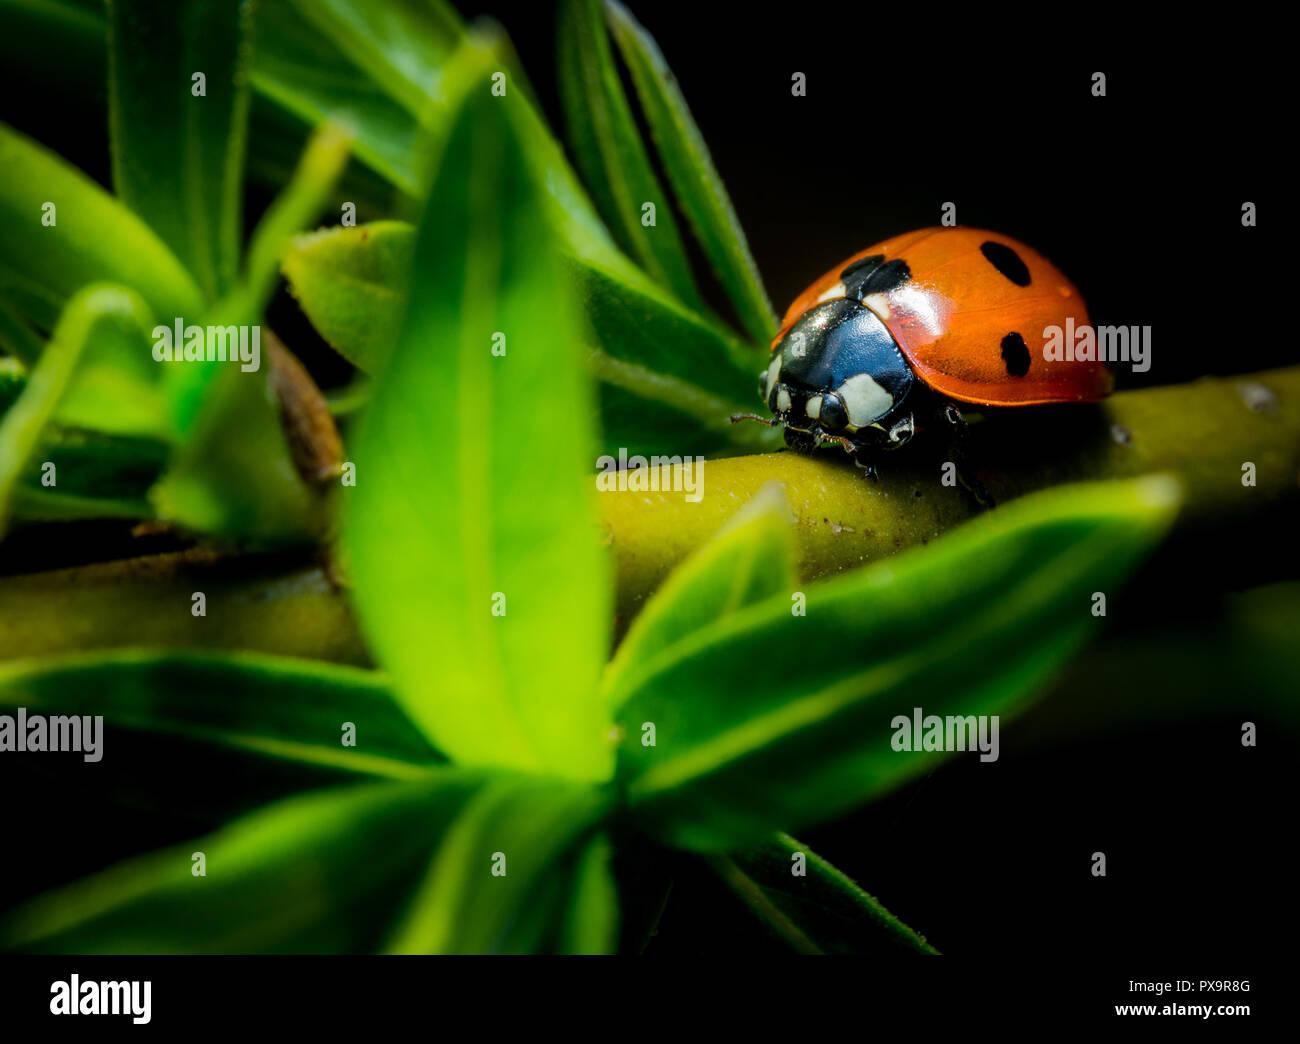 Beautiful ladybug on green twig macro photo - Stock Image